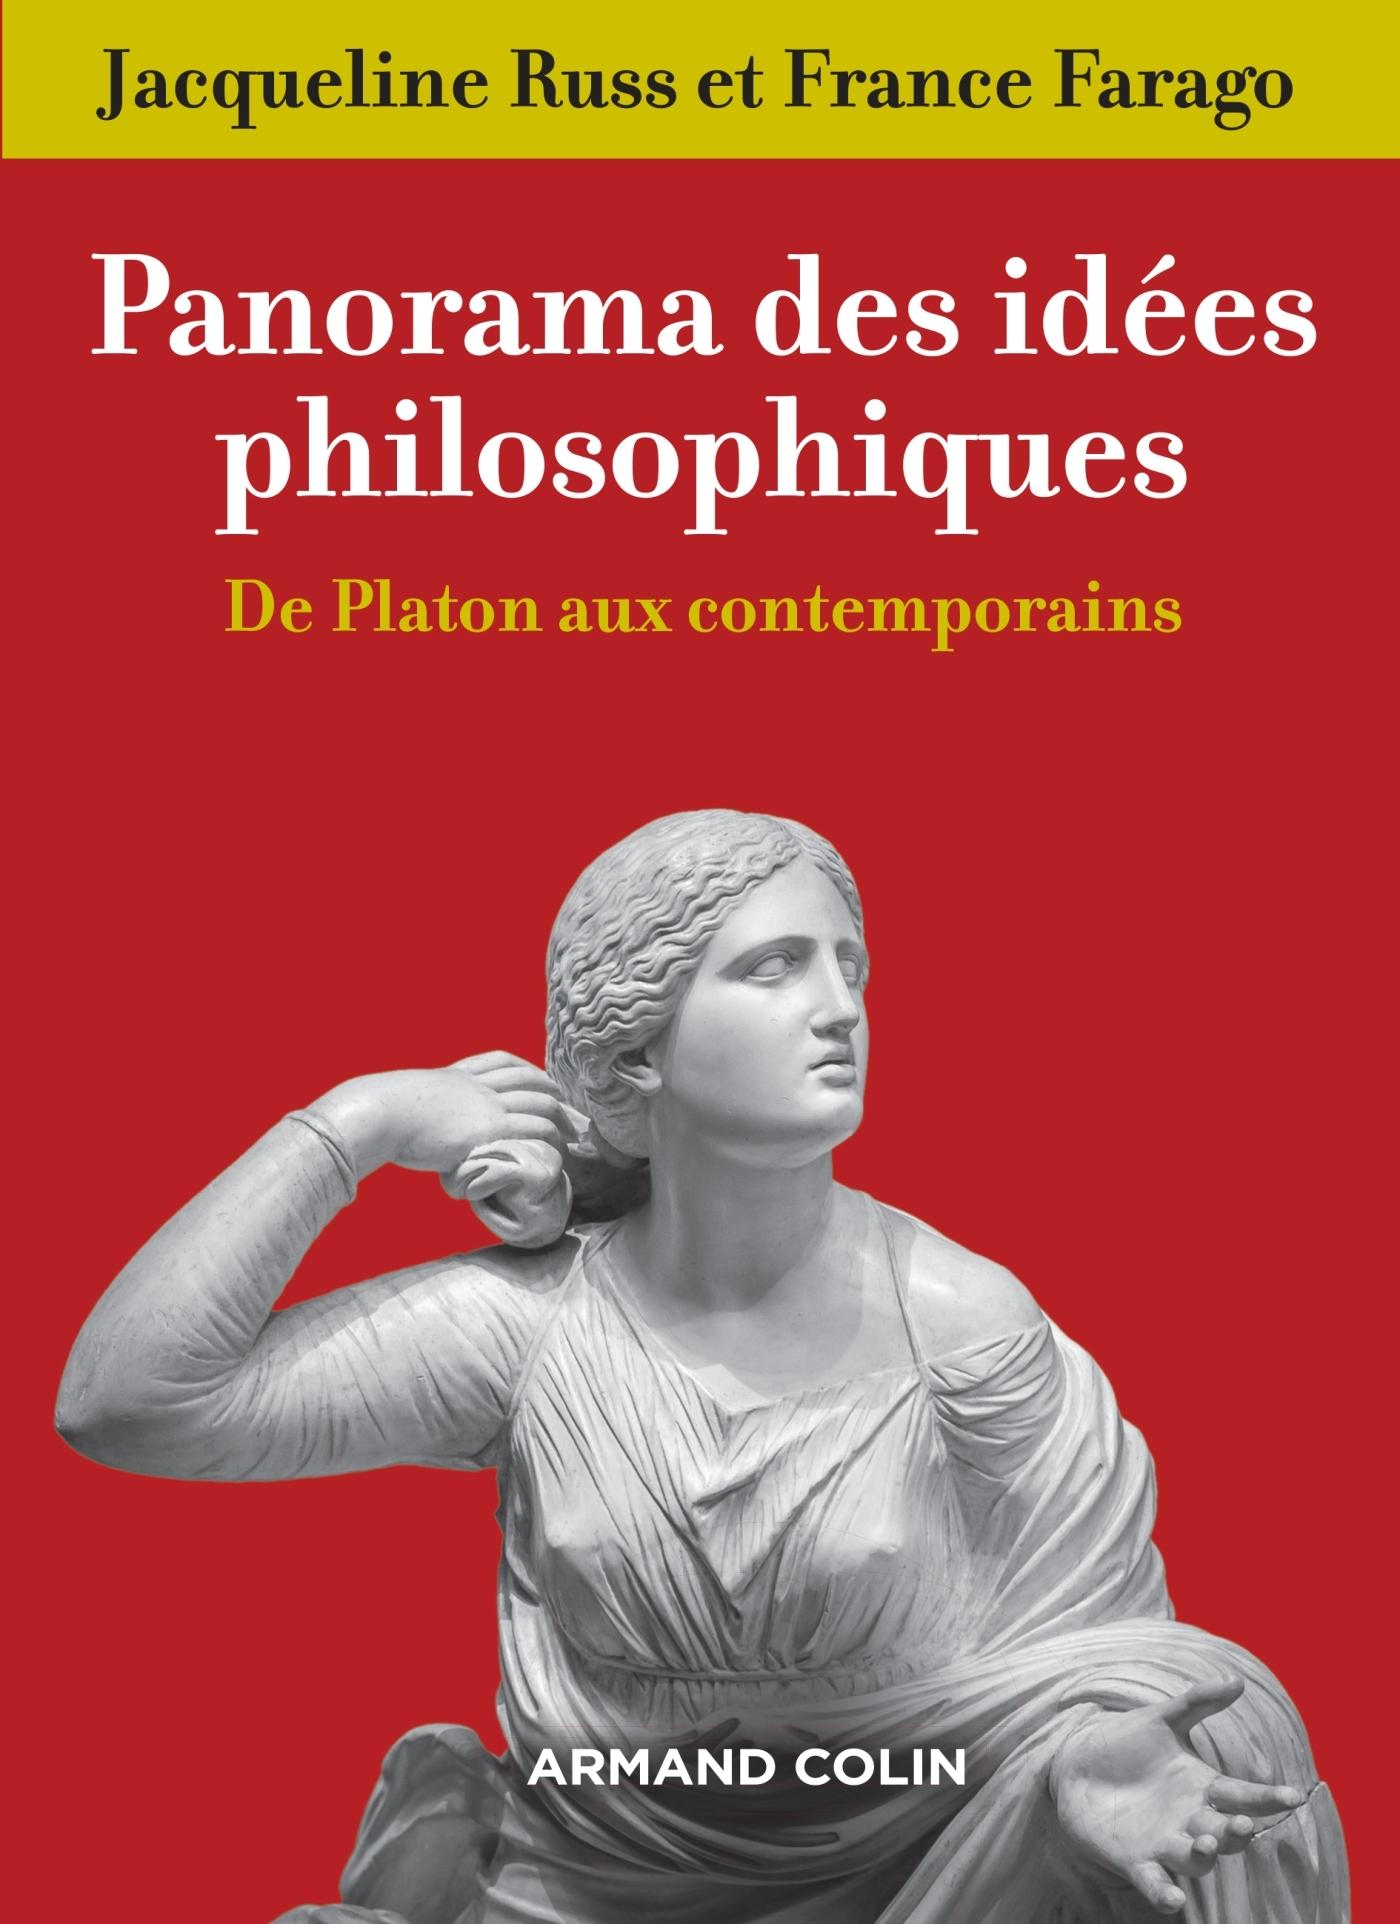 PANORAMA DES IDEES PHILOSOPHIQUES - 3E ED. - DE PLATON AUX CONTEMPORAINS